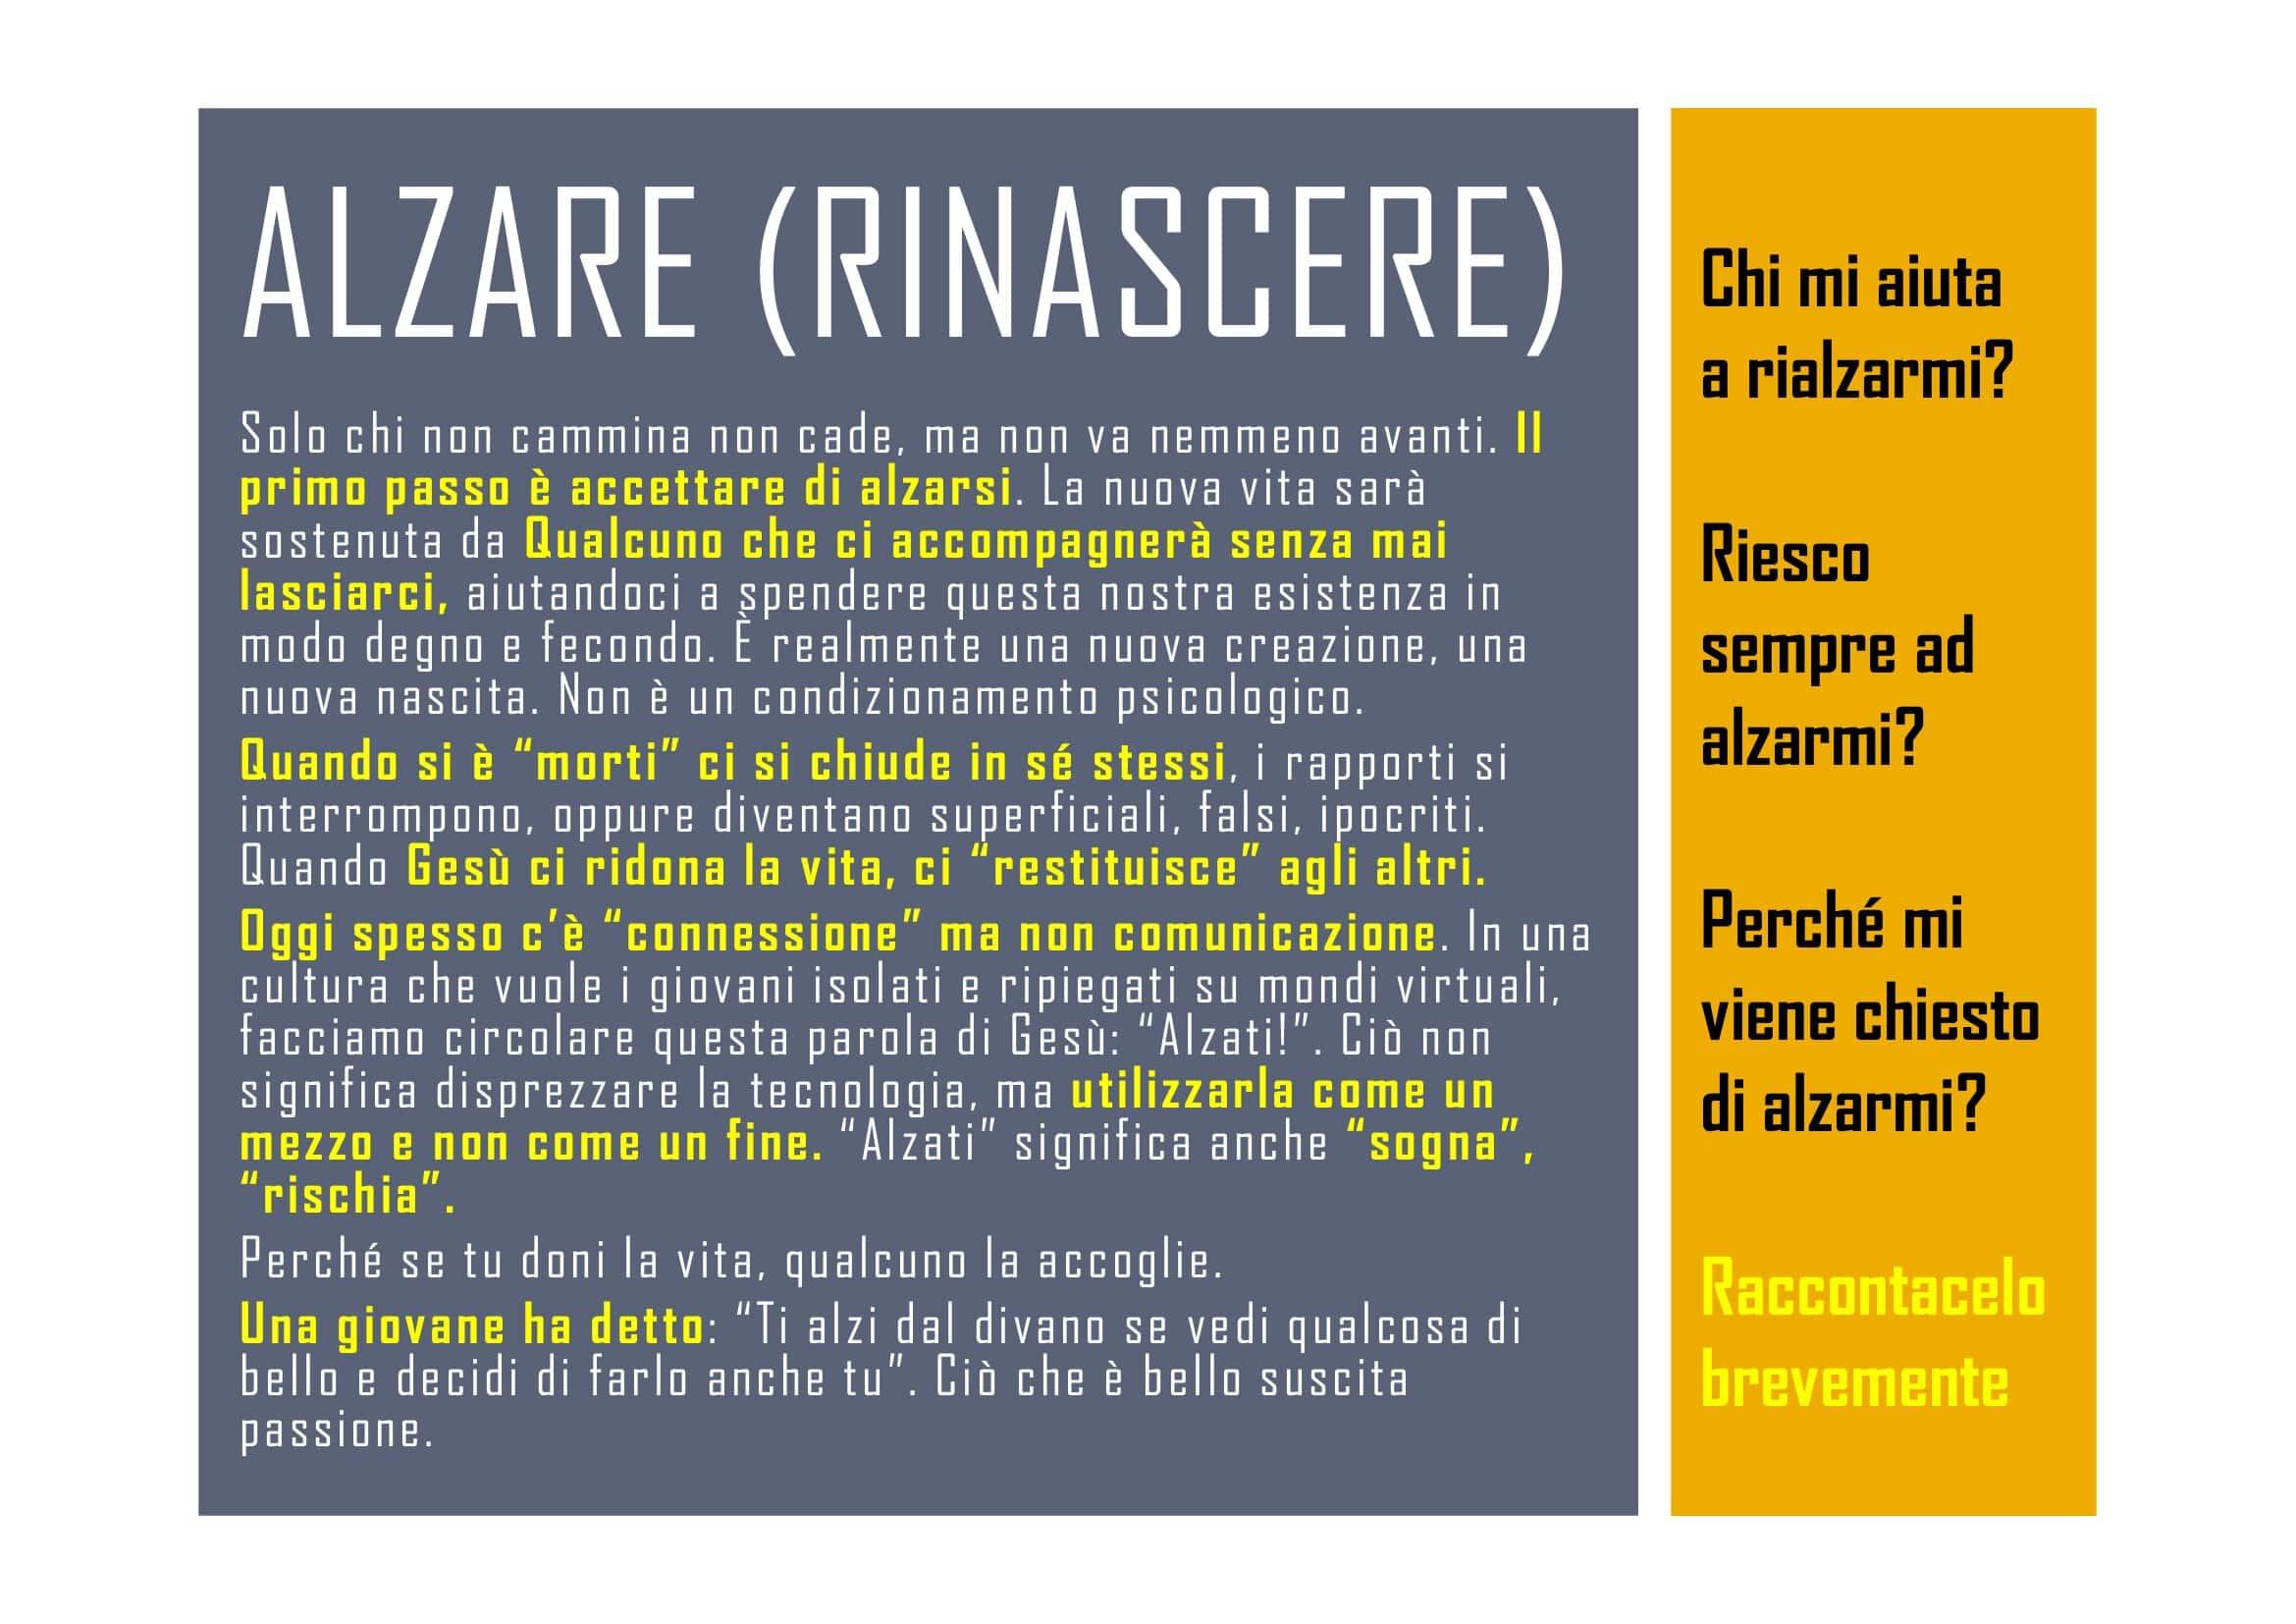 ALZARE (RINASCERE)